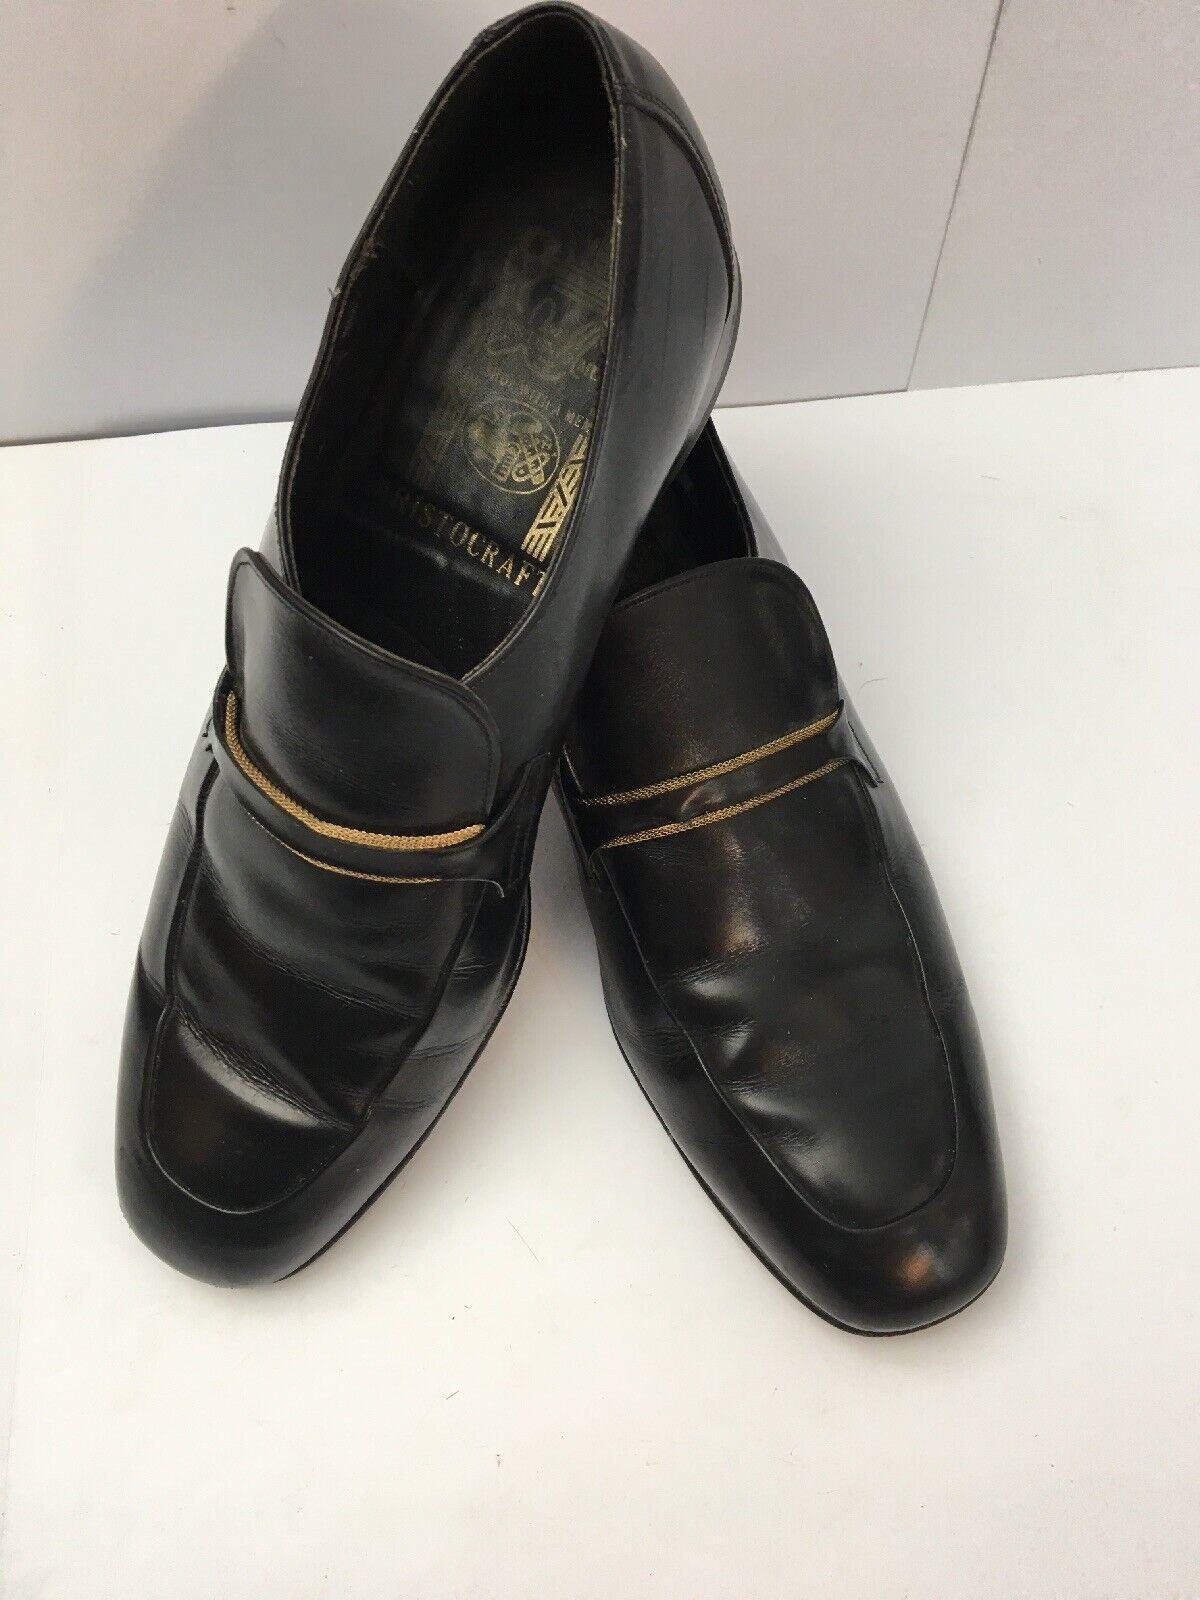 Vintage Johnston Murphy Aristocraft Black Loafer Dress shoes 9 D B